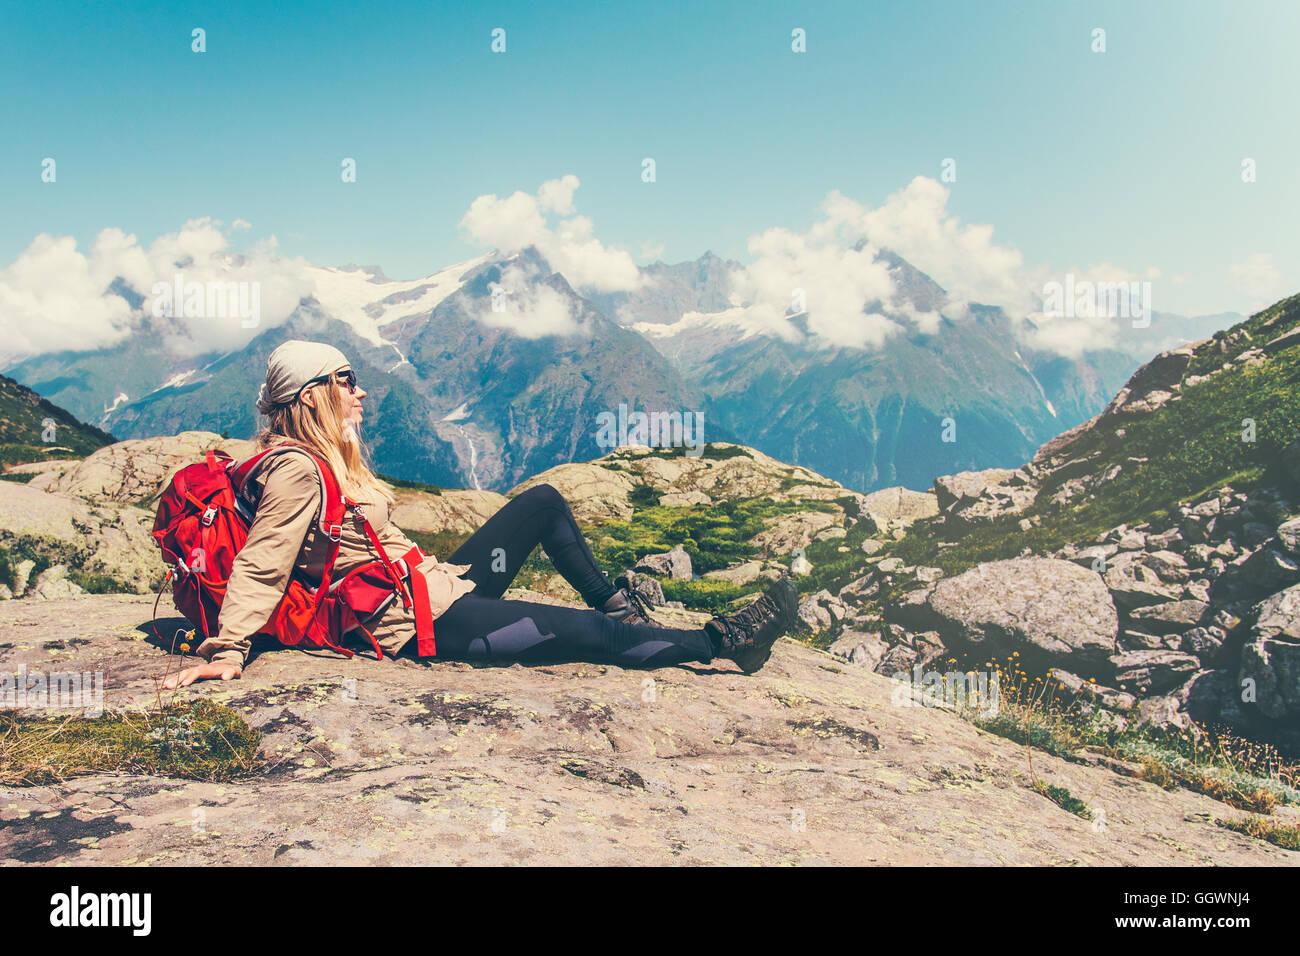 Donna felice Traveler seduta rilassante montagne paesaggio sereno su sfondo stile di vita viaggio concetto Avventura Immagini Stock